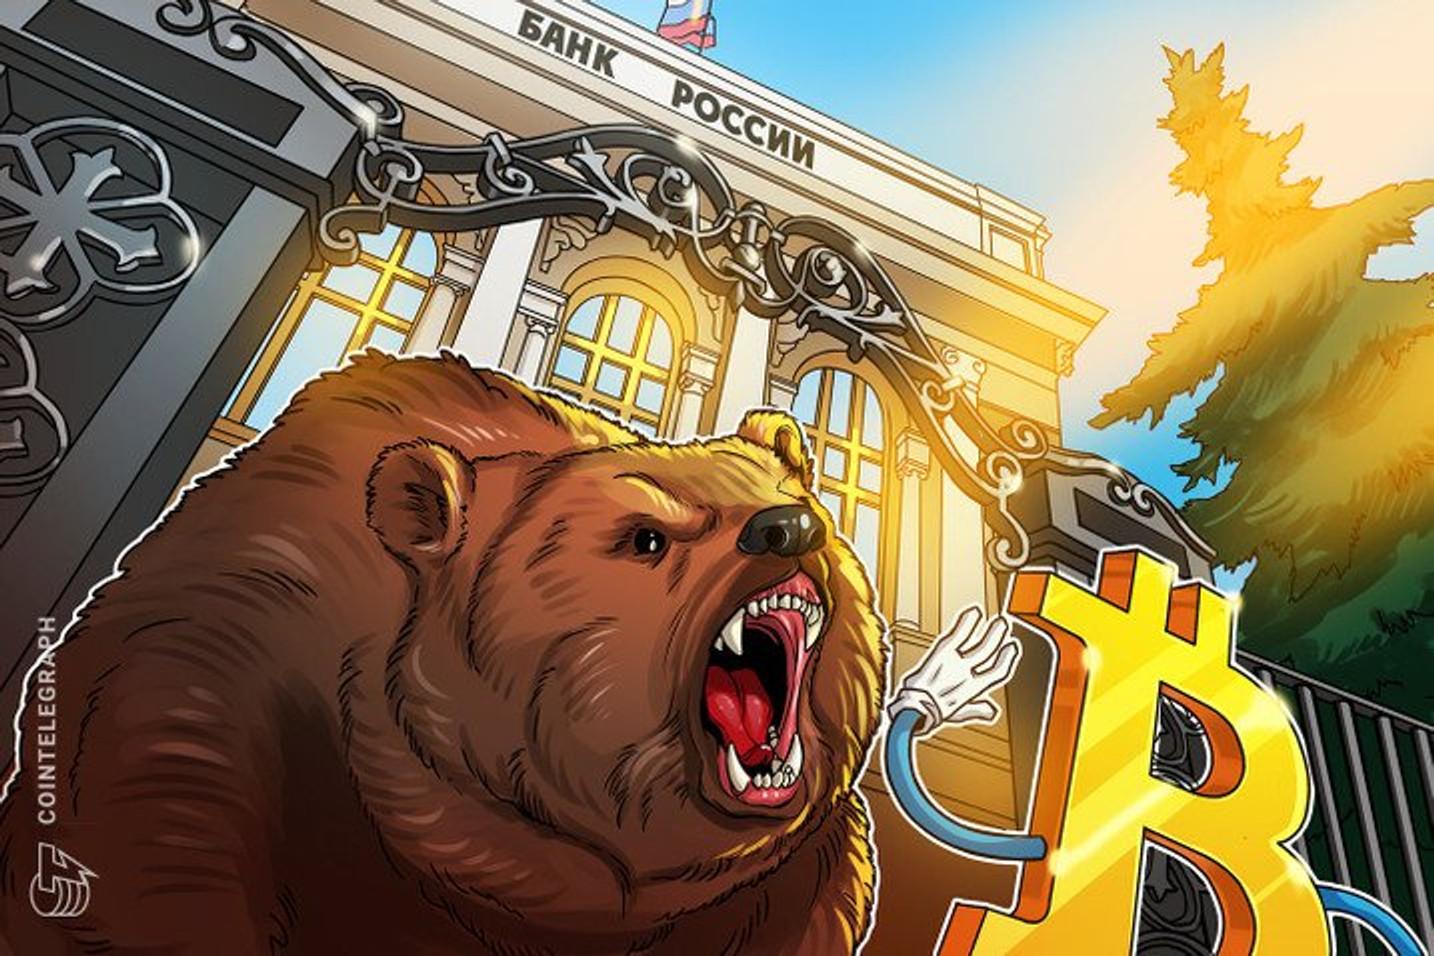 Exclusivo: 'Não invista em Bitcoin, ele não possui nenhuma segurança; não é investimento', diz Diretor da Unick Forex